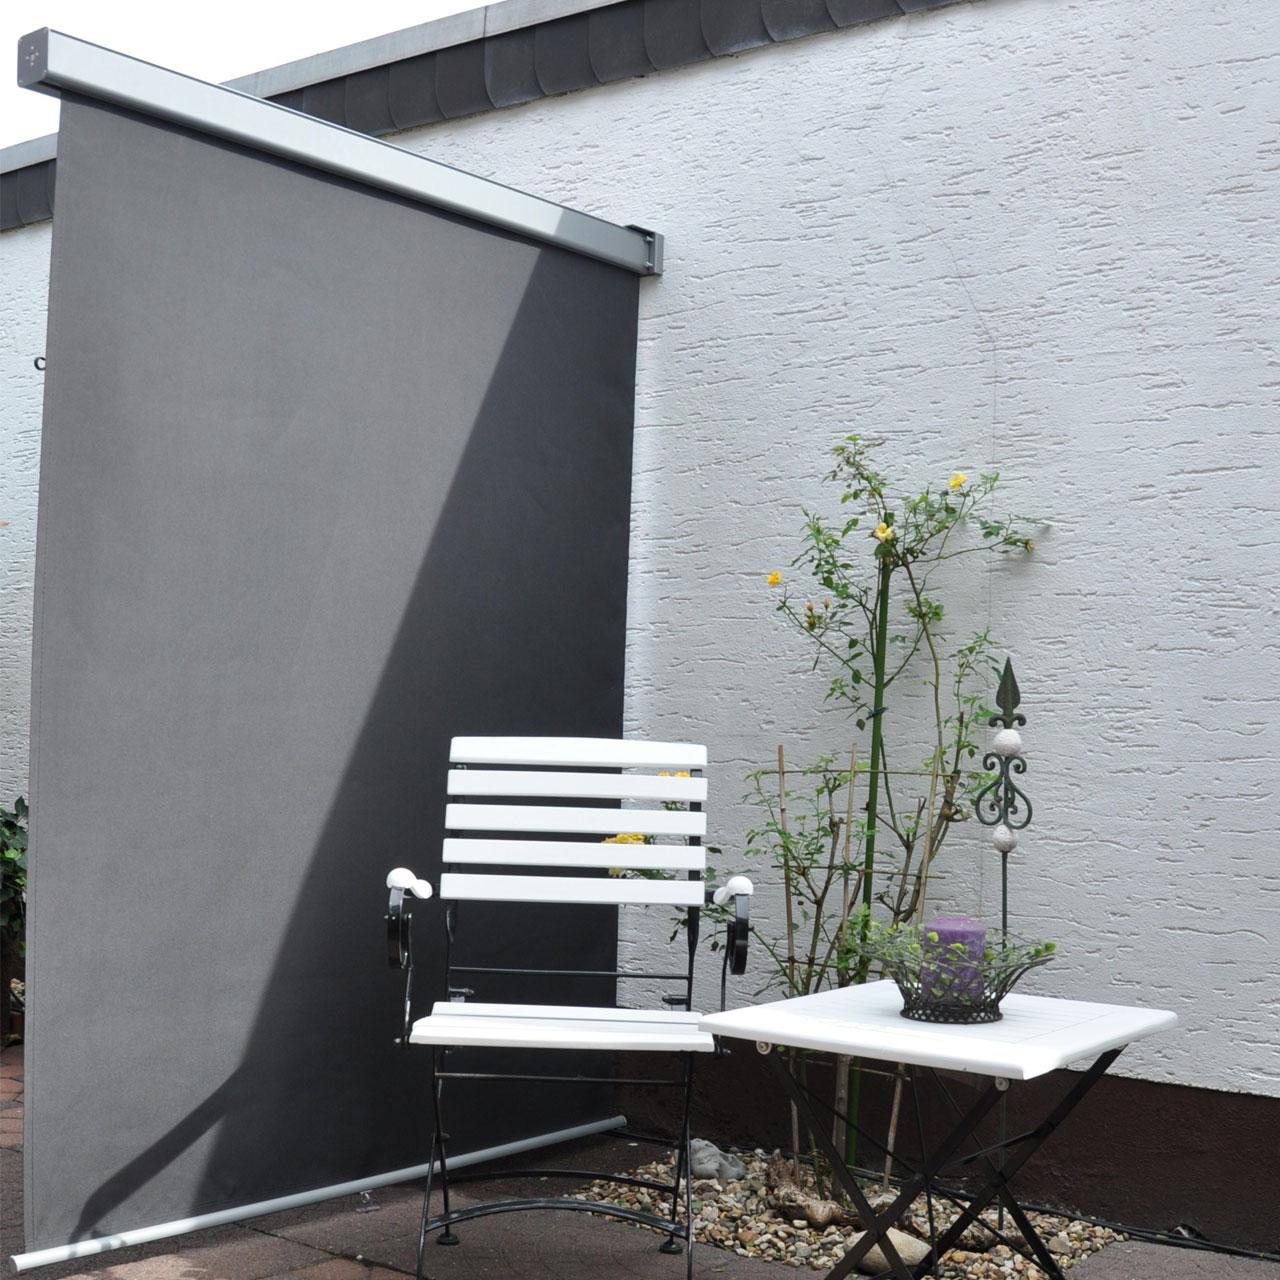 Balkon Seitenmarkise Lange 200cm Breite 120cm Balkonerlebnis De